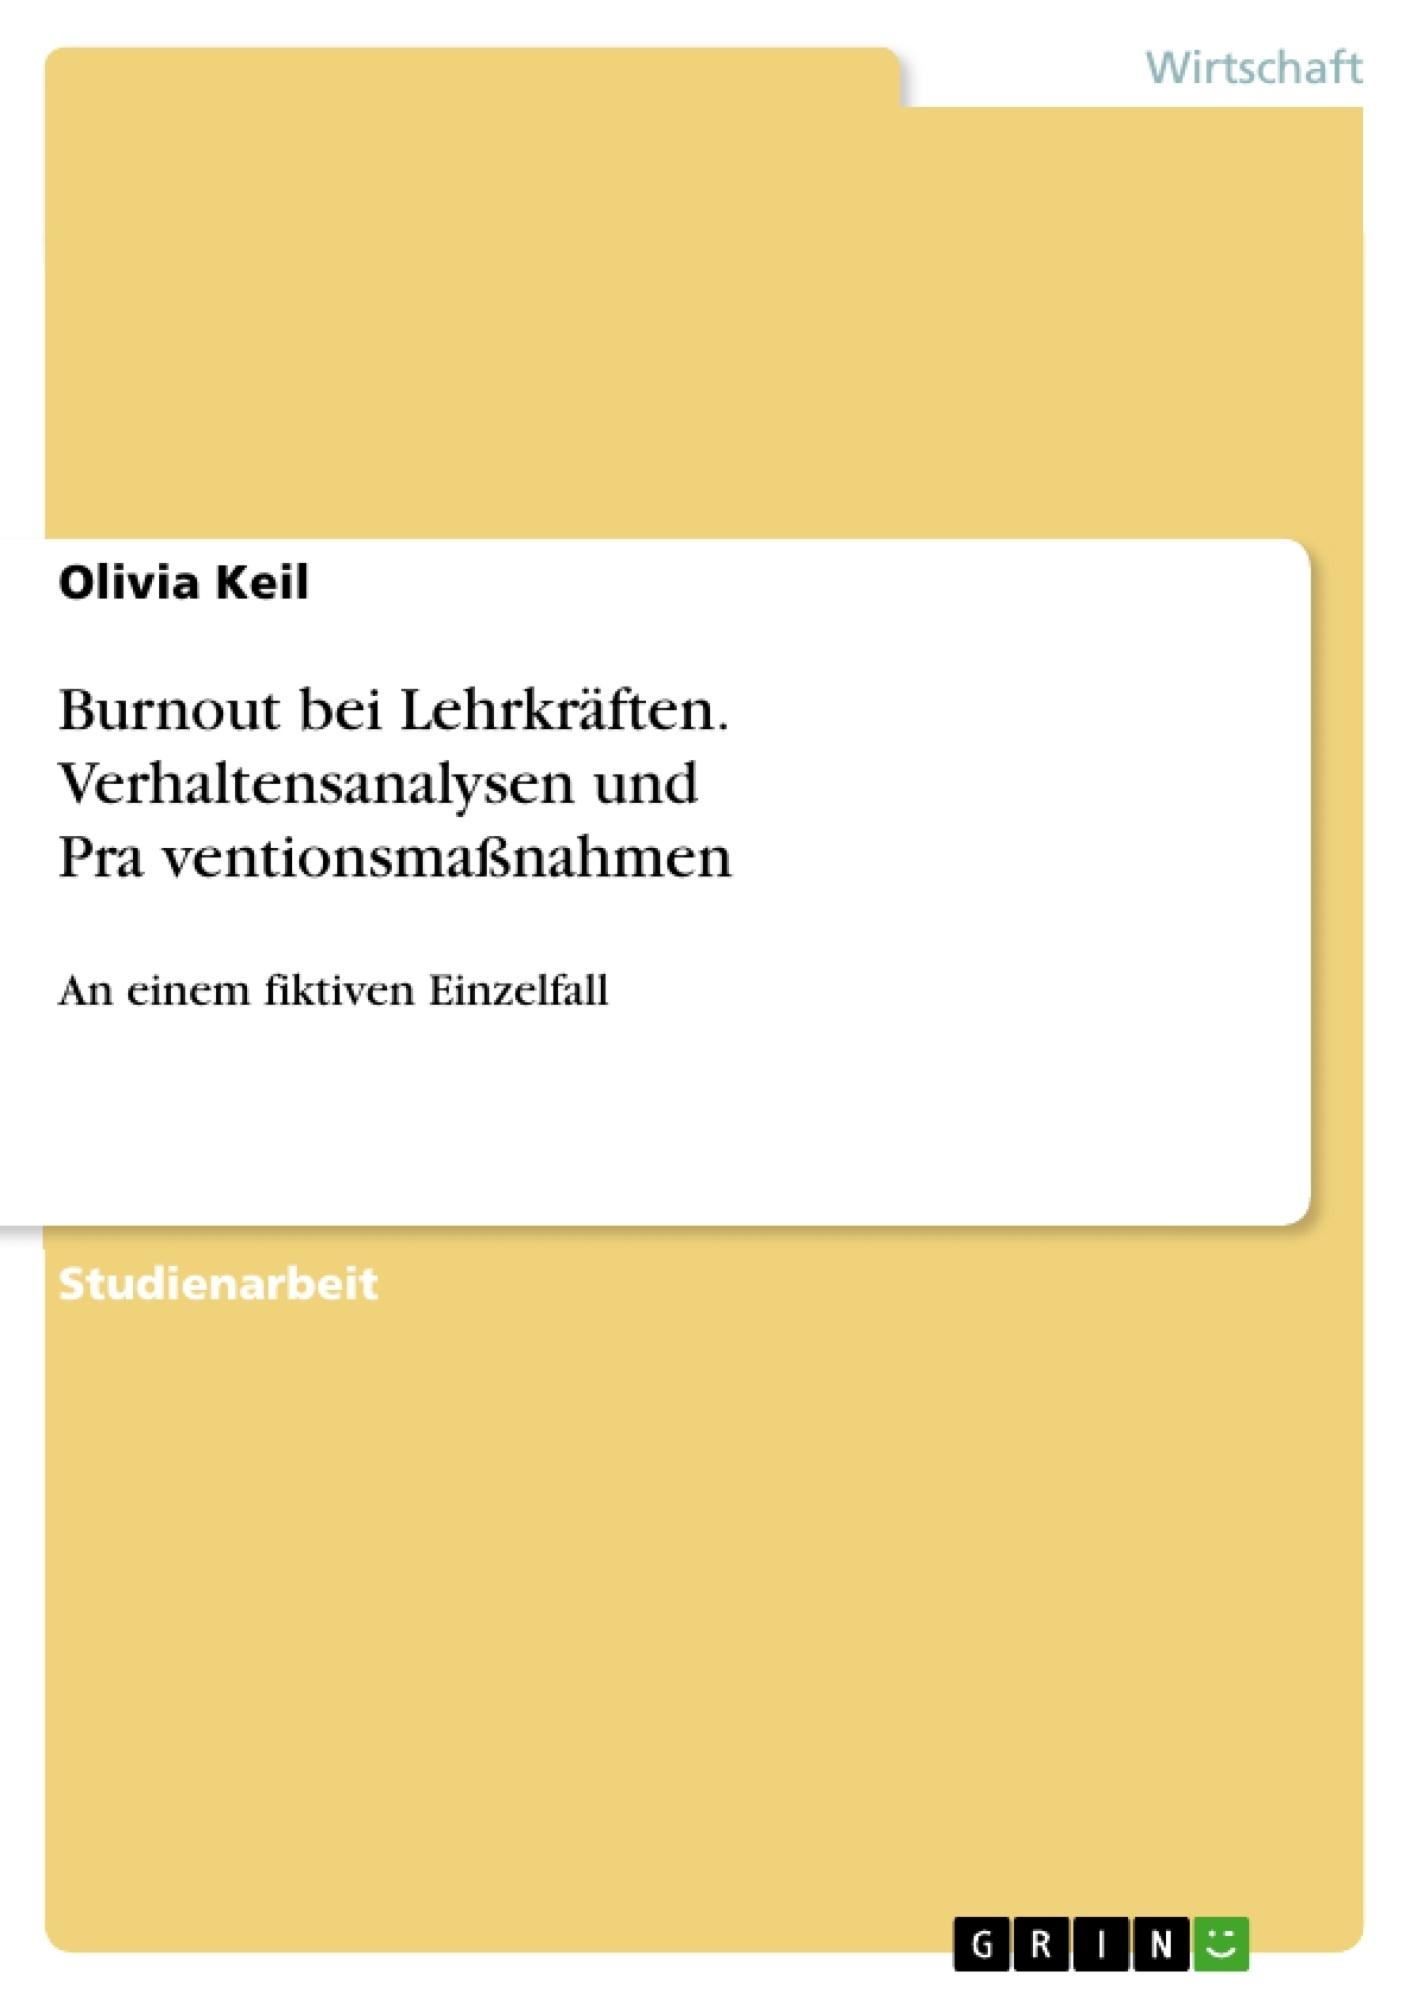 Titel: Burnout bei Lehrkräften. Verhaltensanalysen und Präventionsmaßnahmen